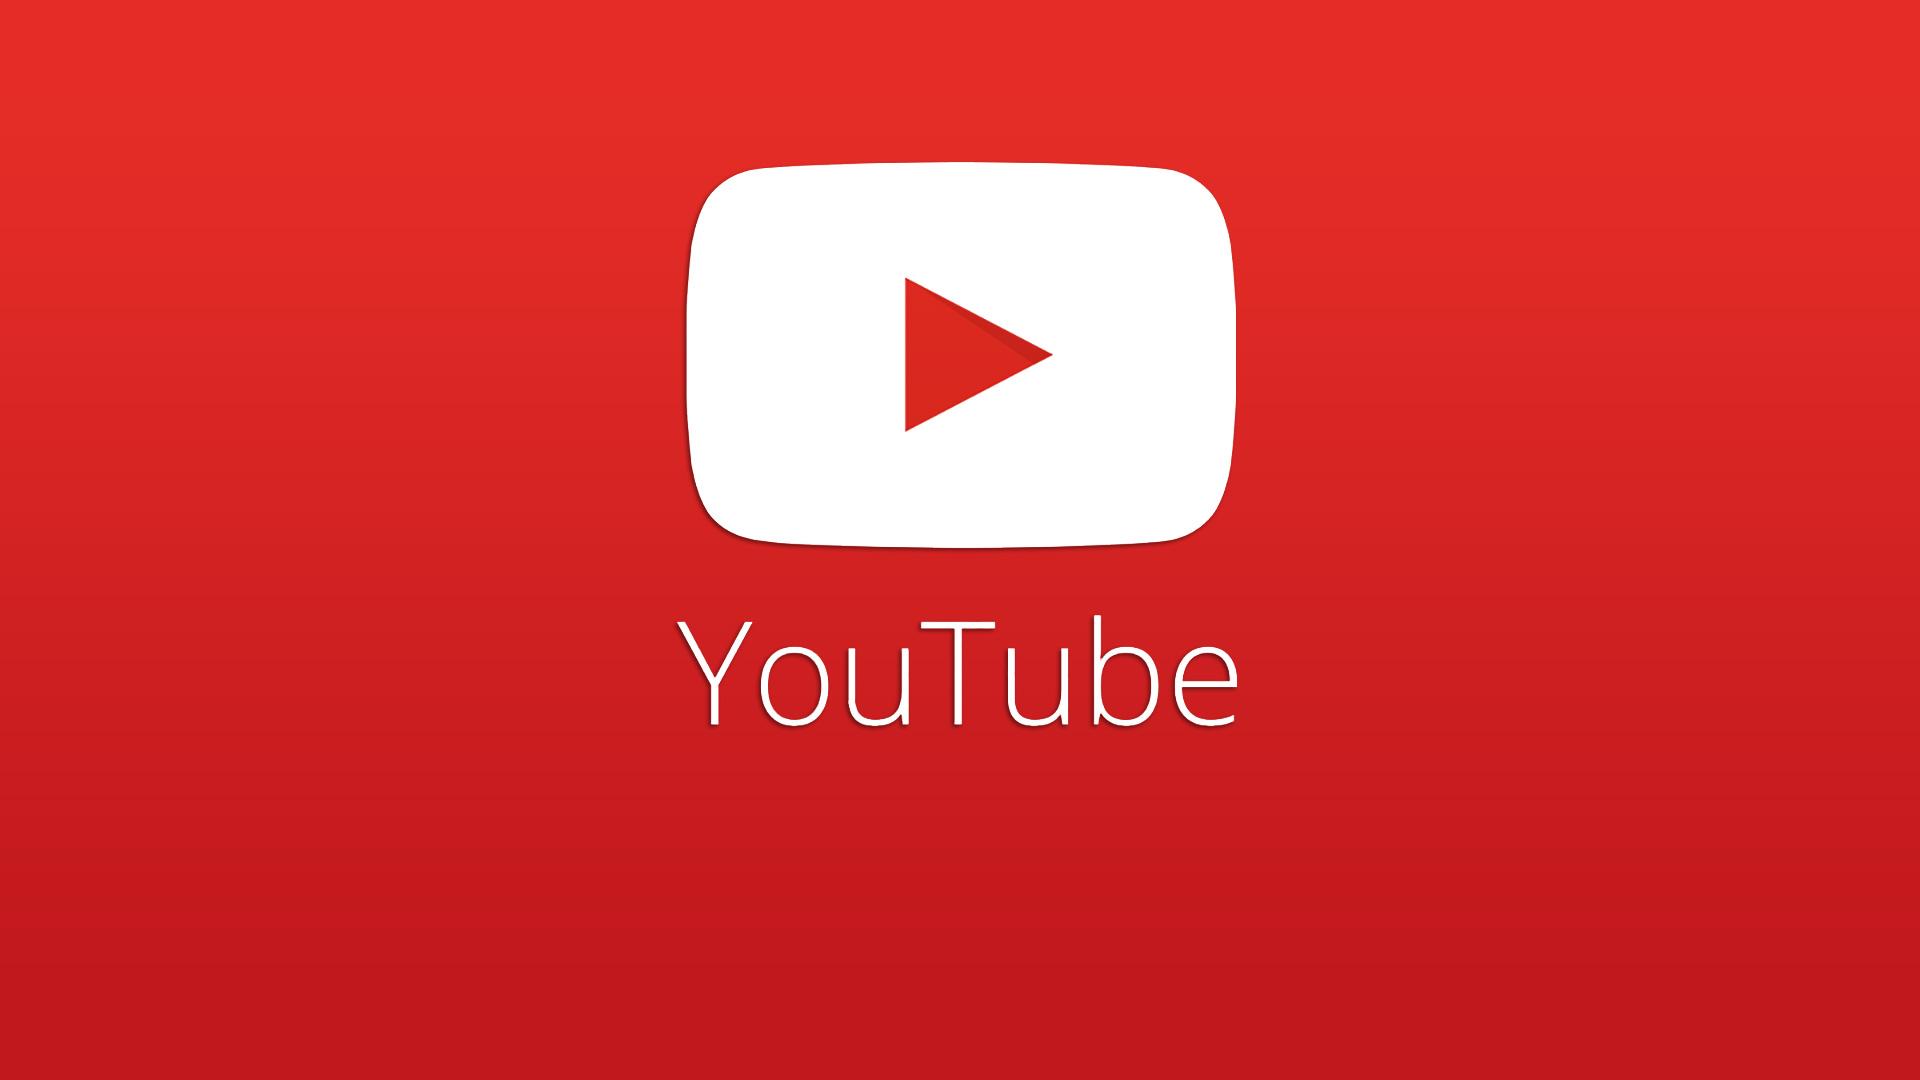 Logo du site YouTube